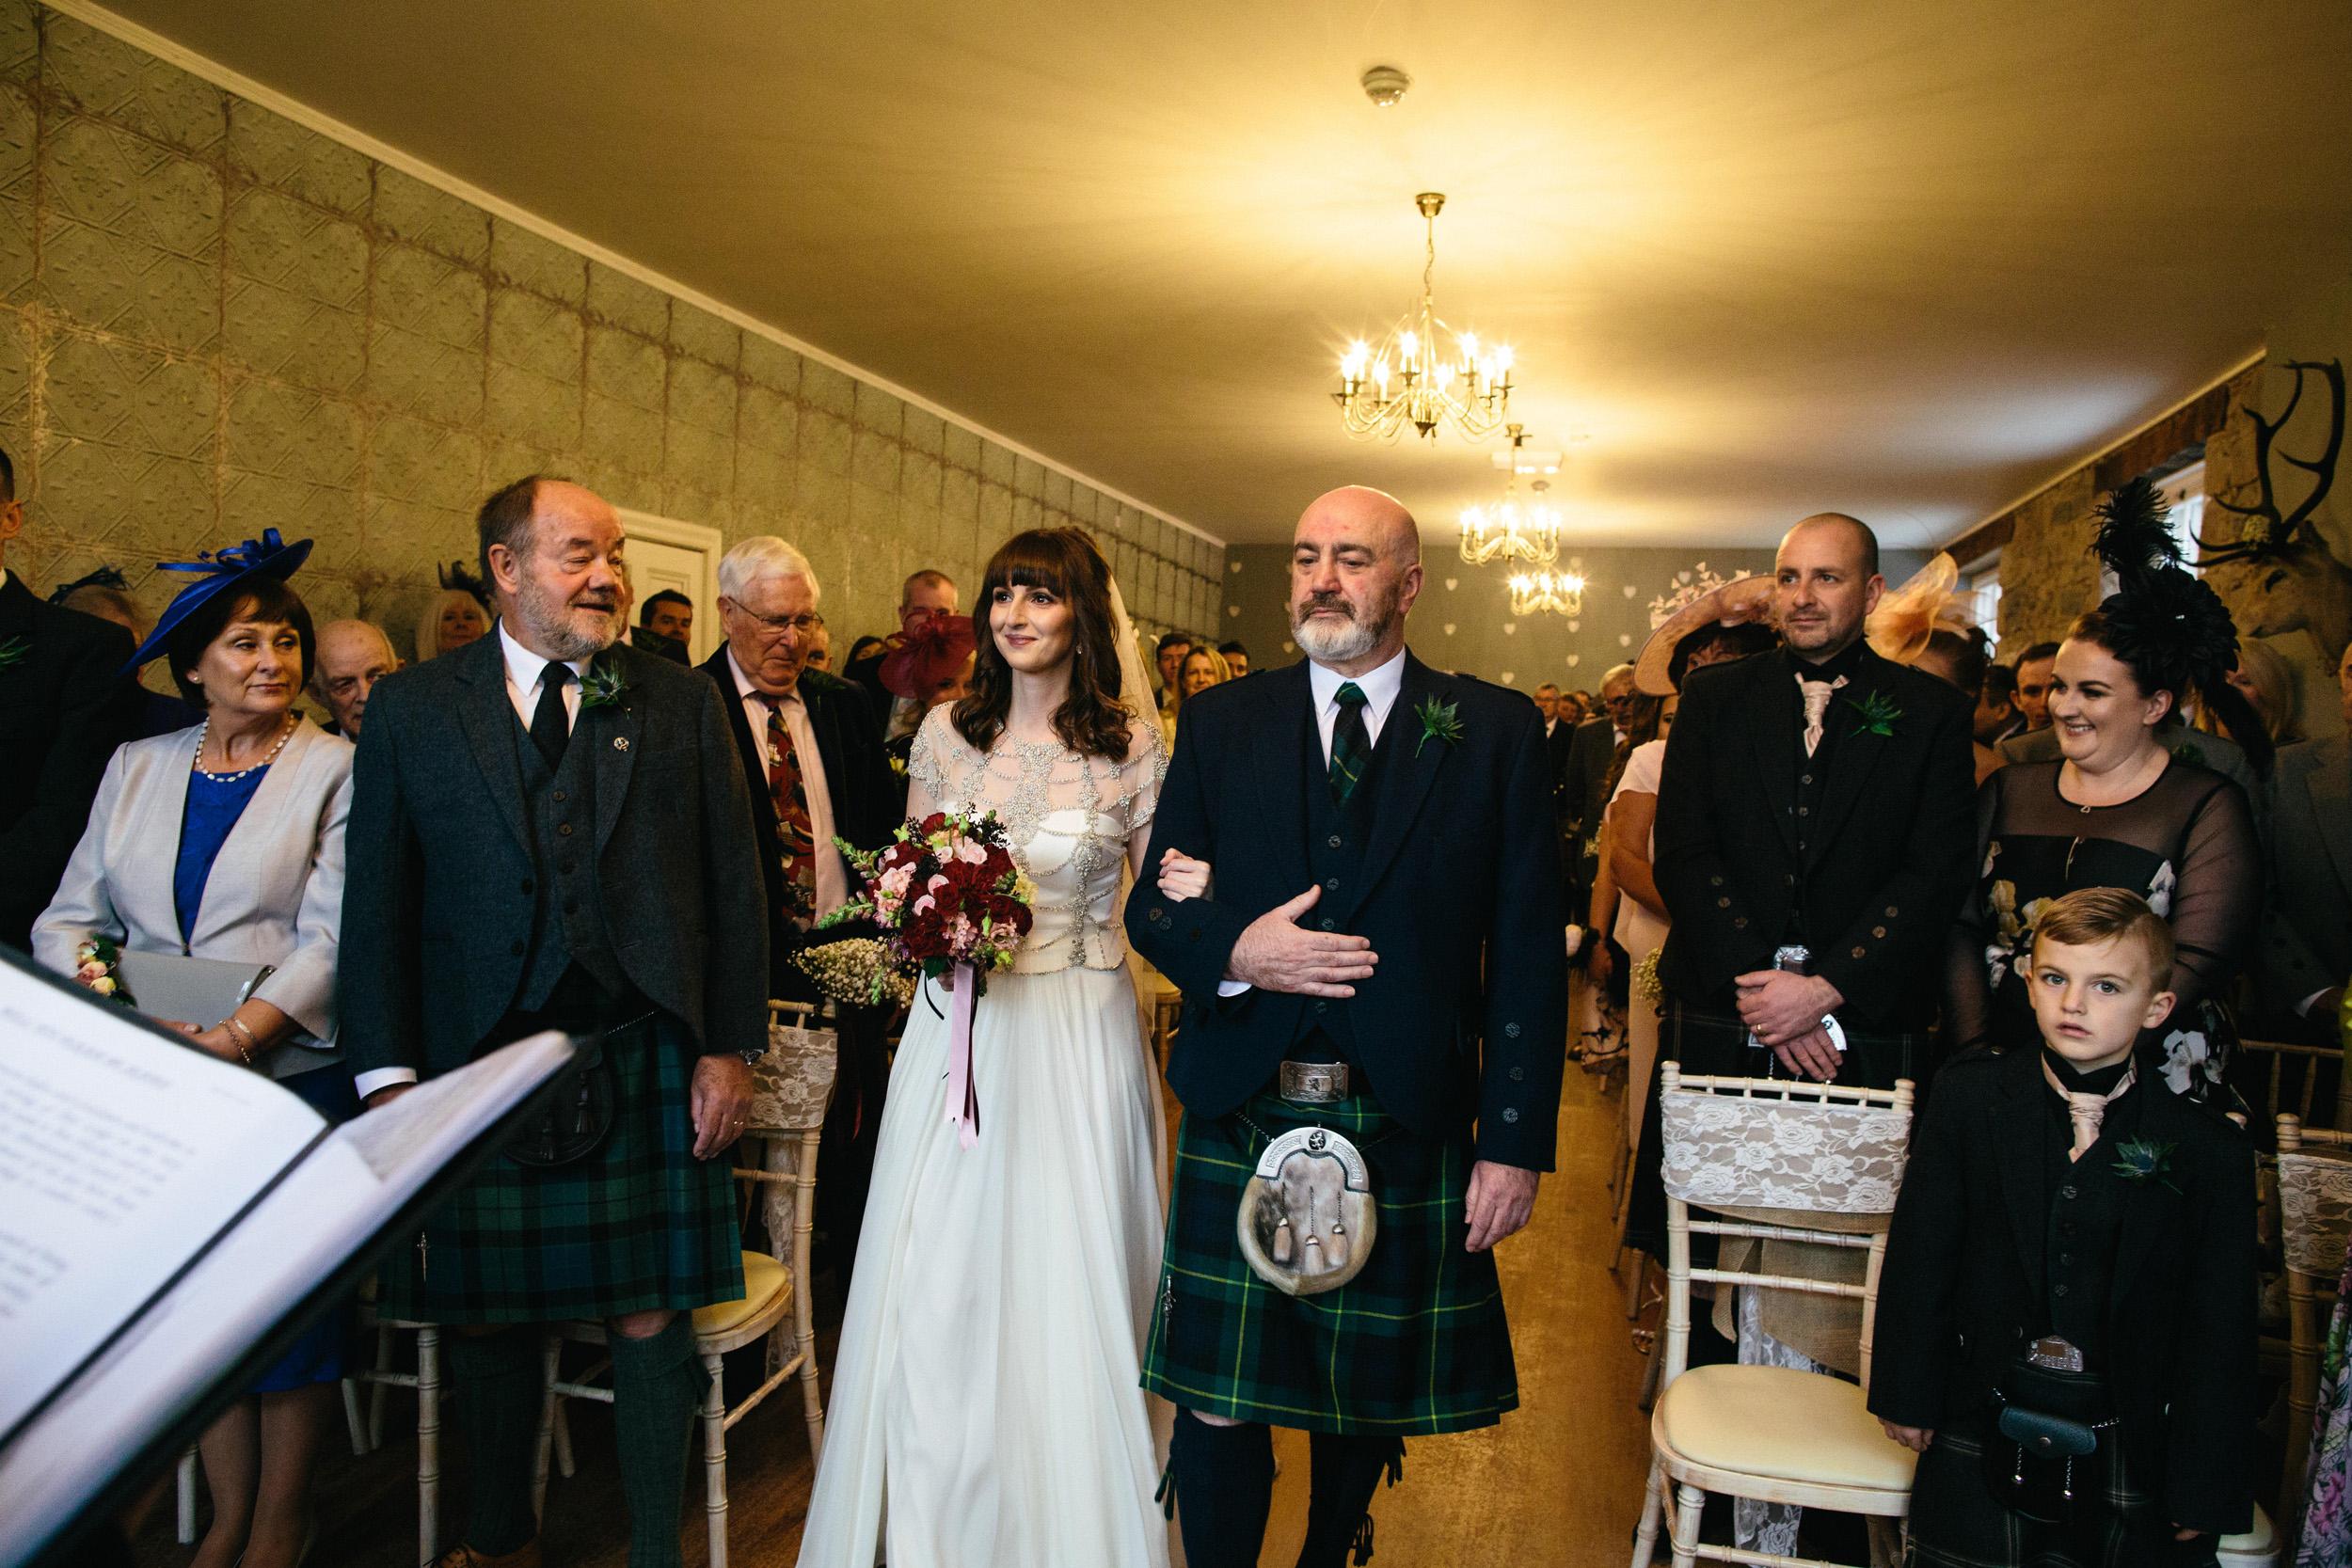 Natural Wedding Photography Aberdeen Braemar 018.jpg